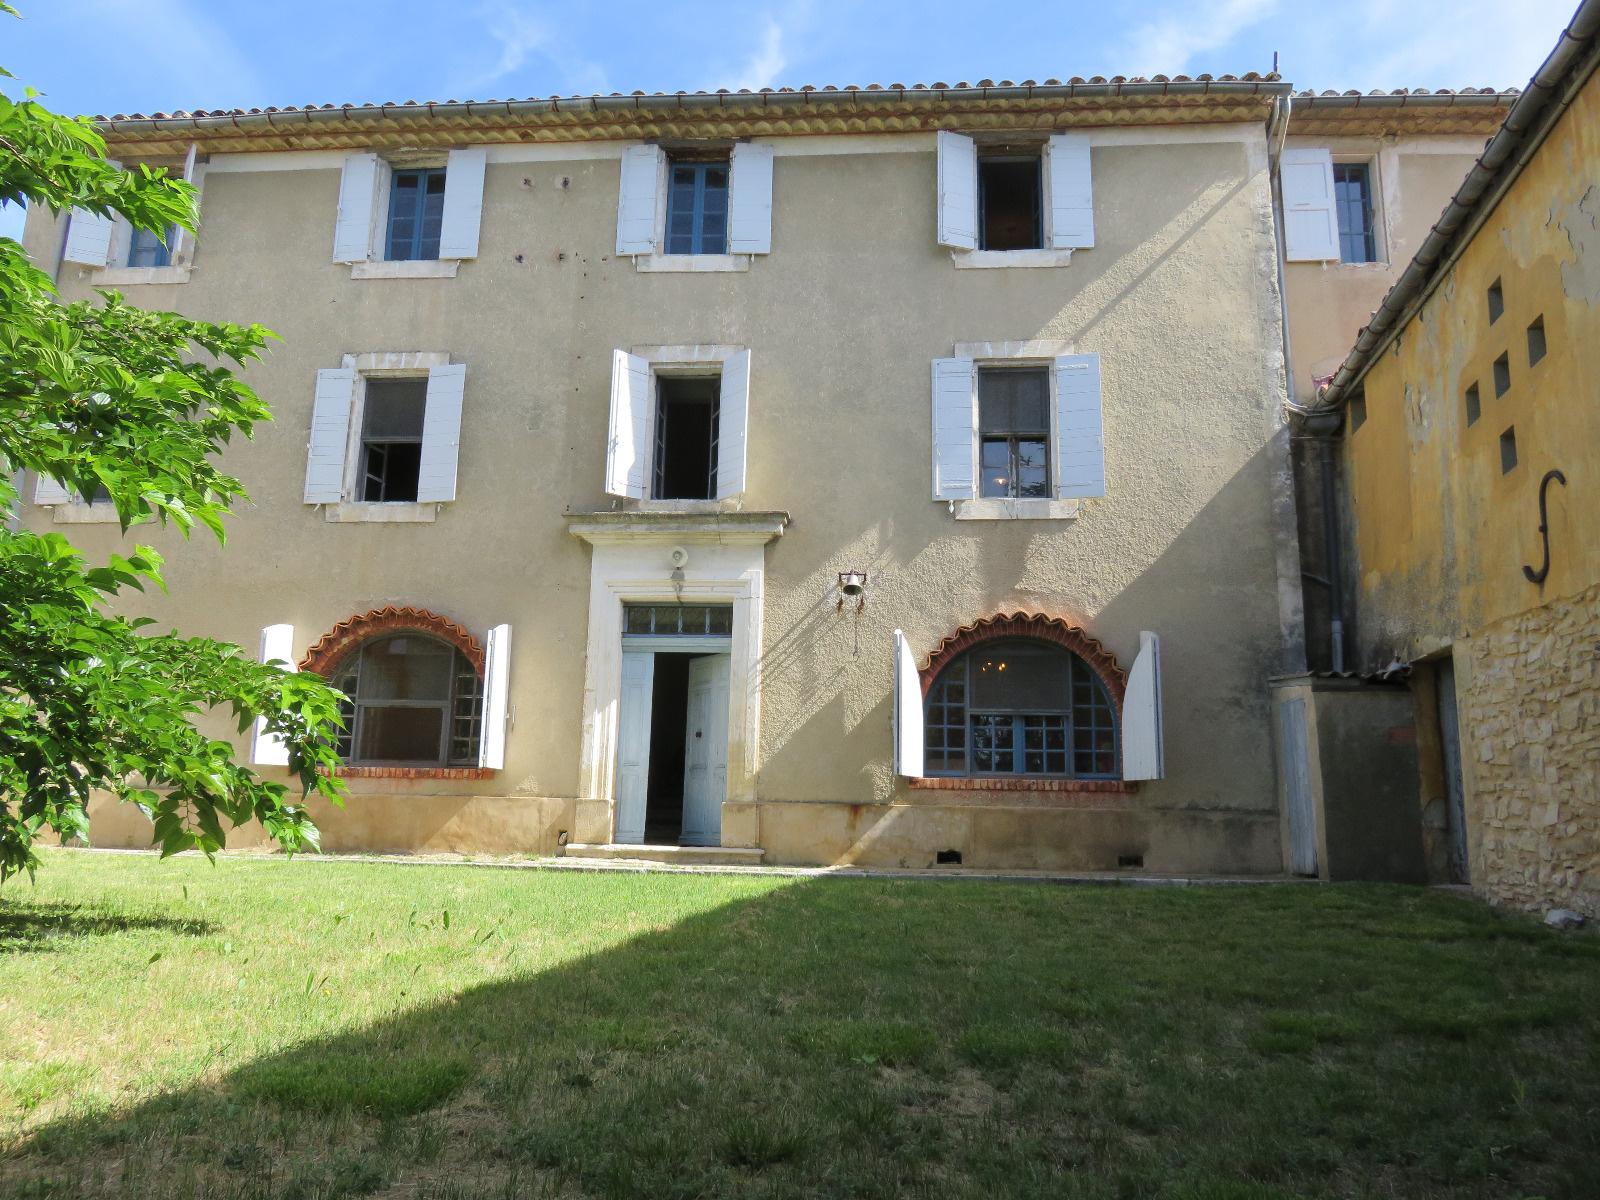 Vente maison/villa 12 pièces viens 84750